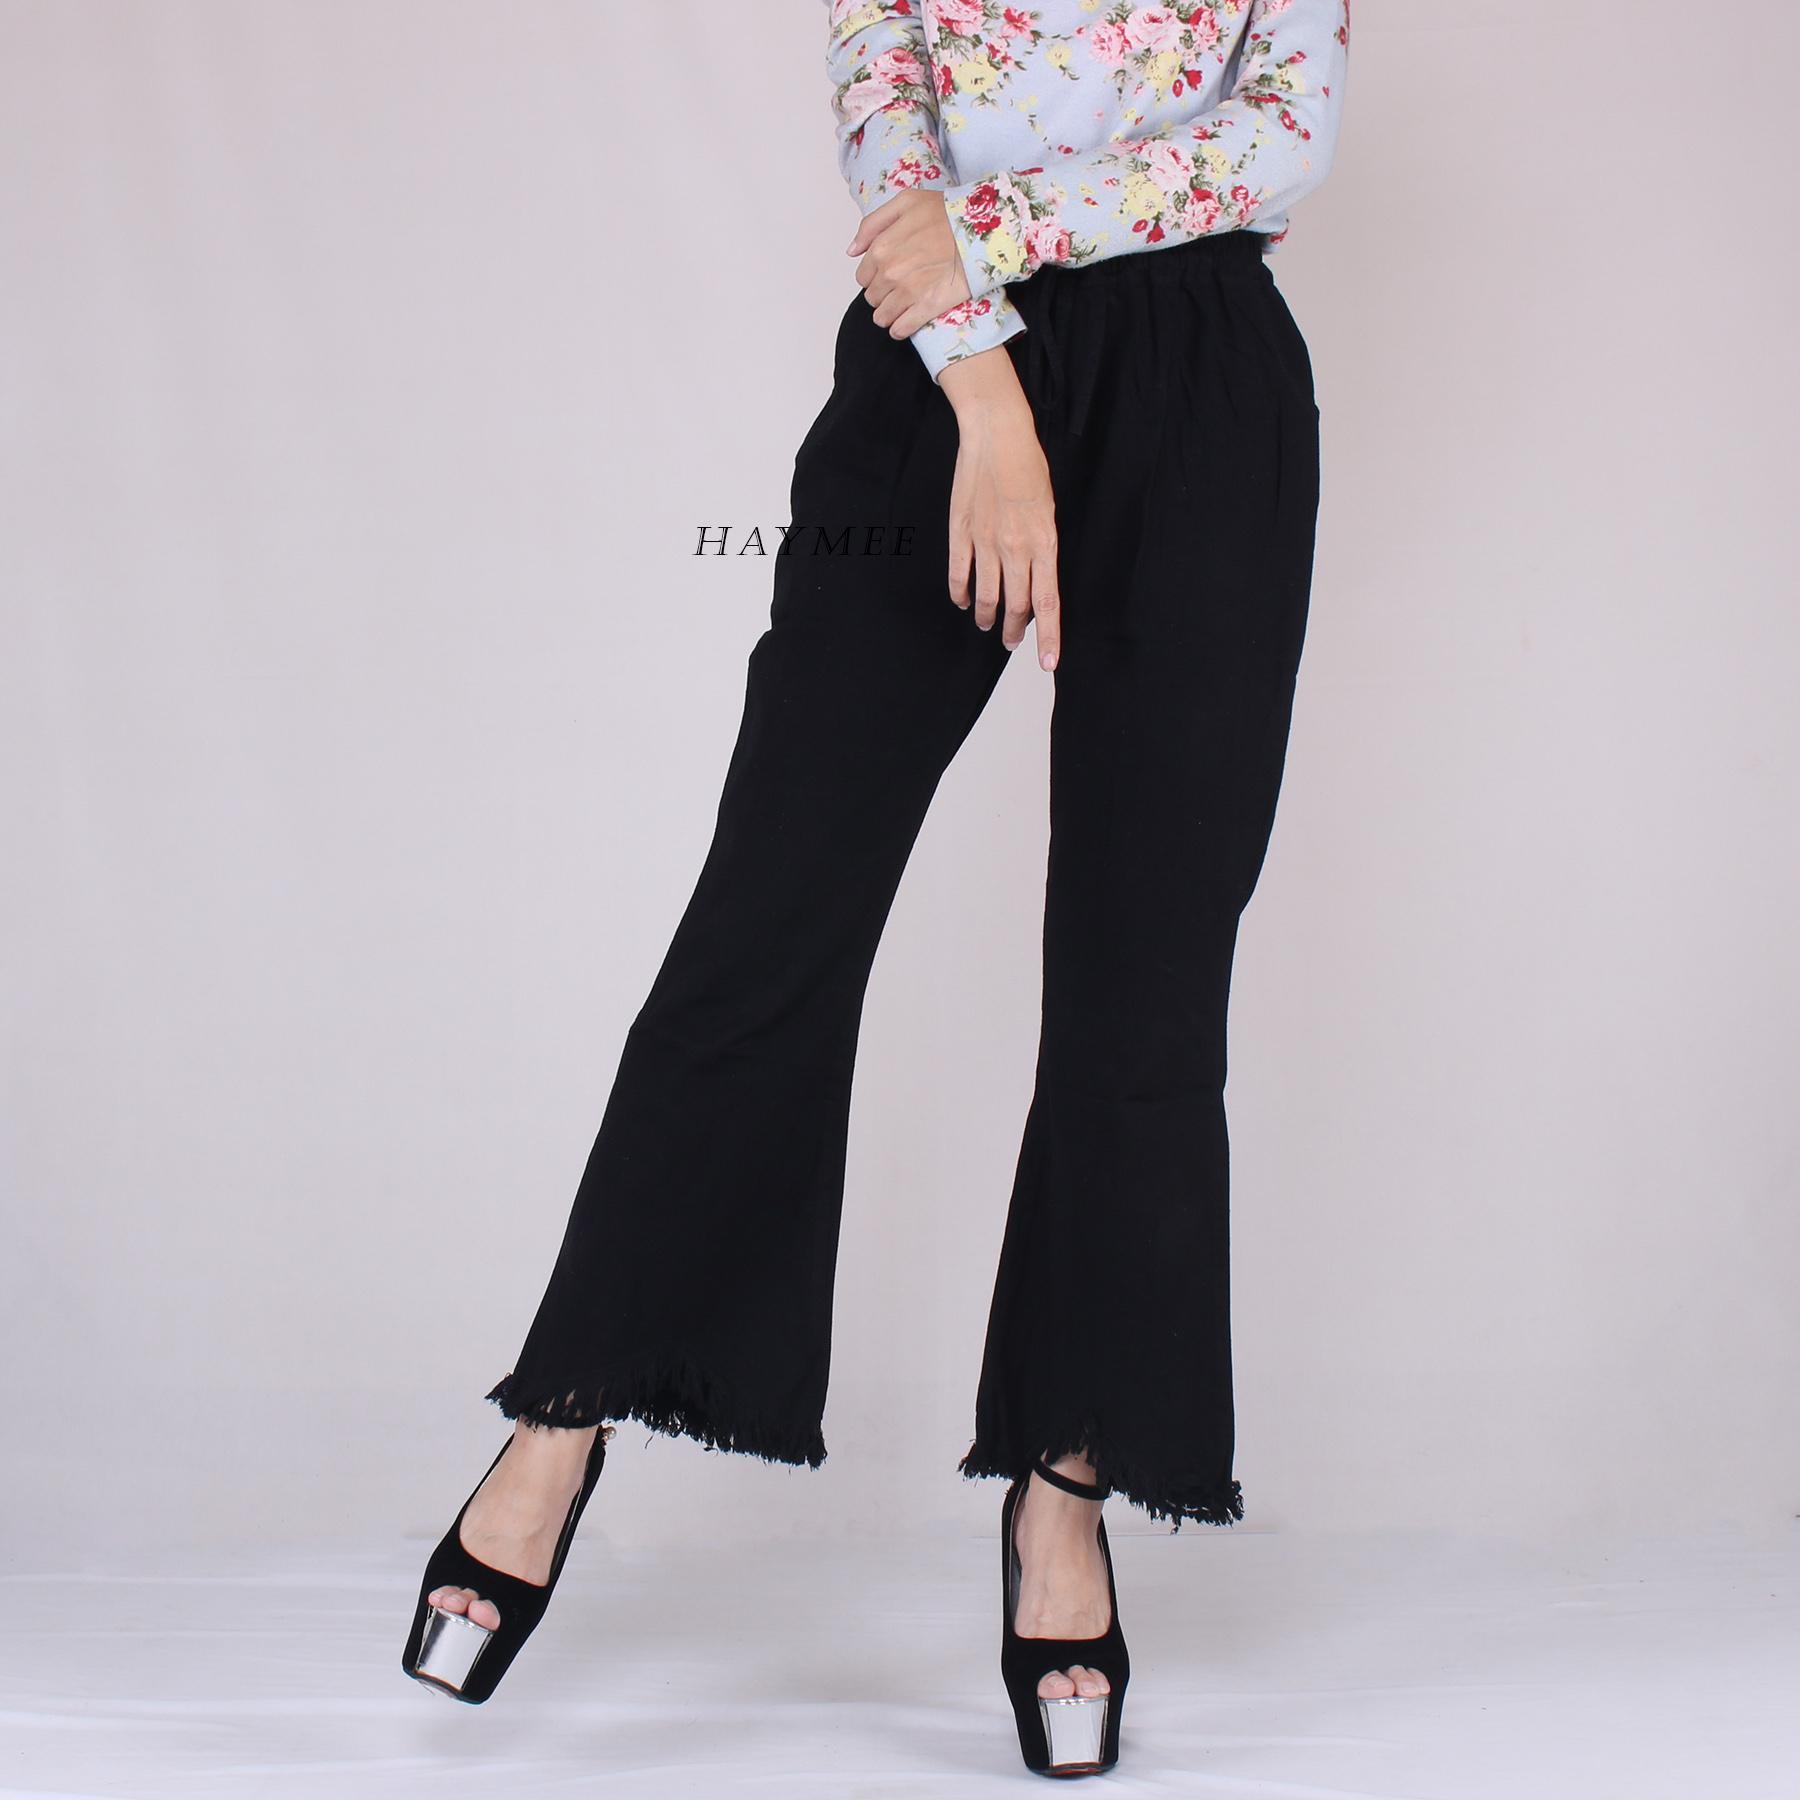 Kehebatan Celana Cewek Cutbray Dan Harga Update Teknologi Polos Haymeestore Boyfriend Wanita Jeans Cutbrai Denim Cewe Bawahan Premium